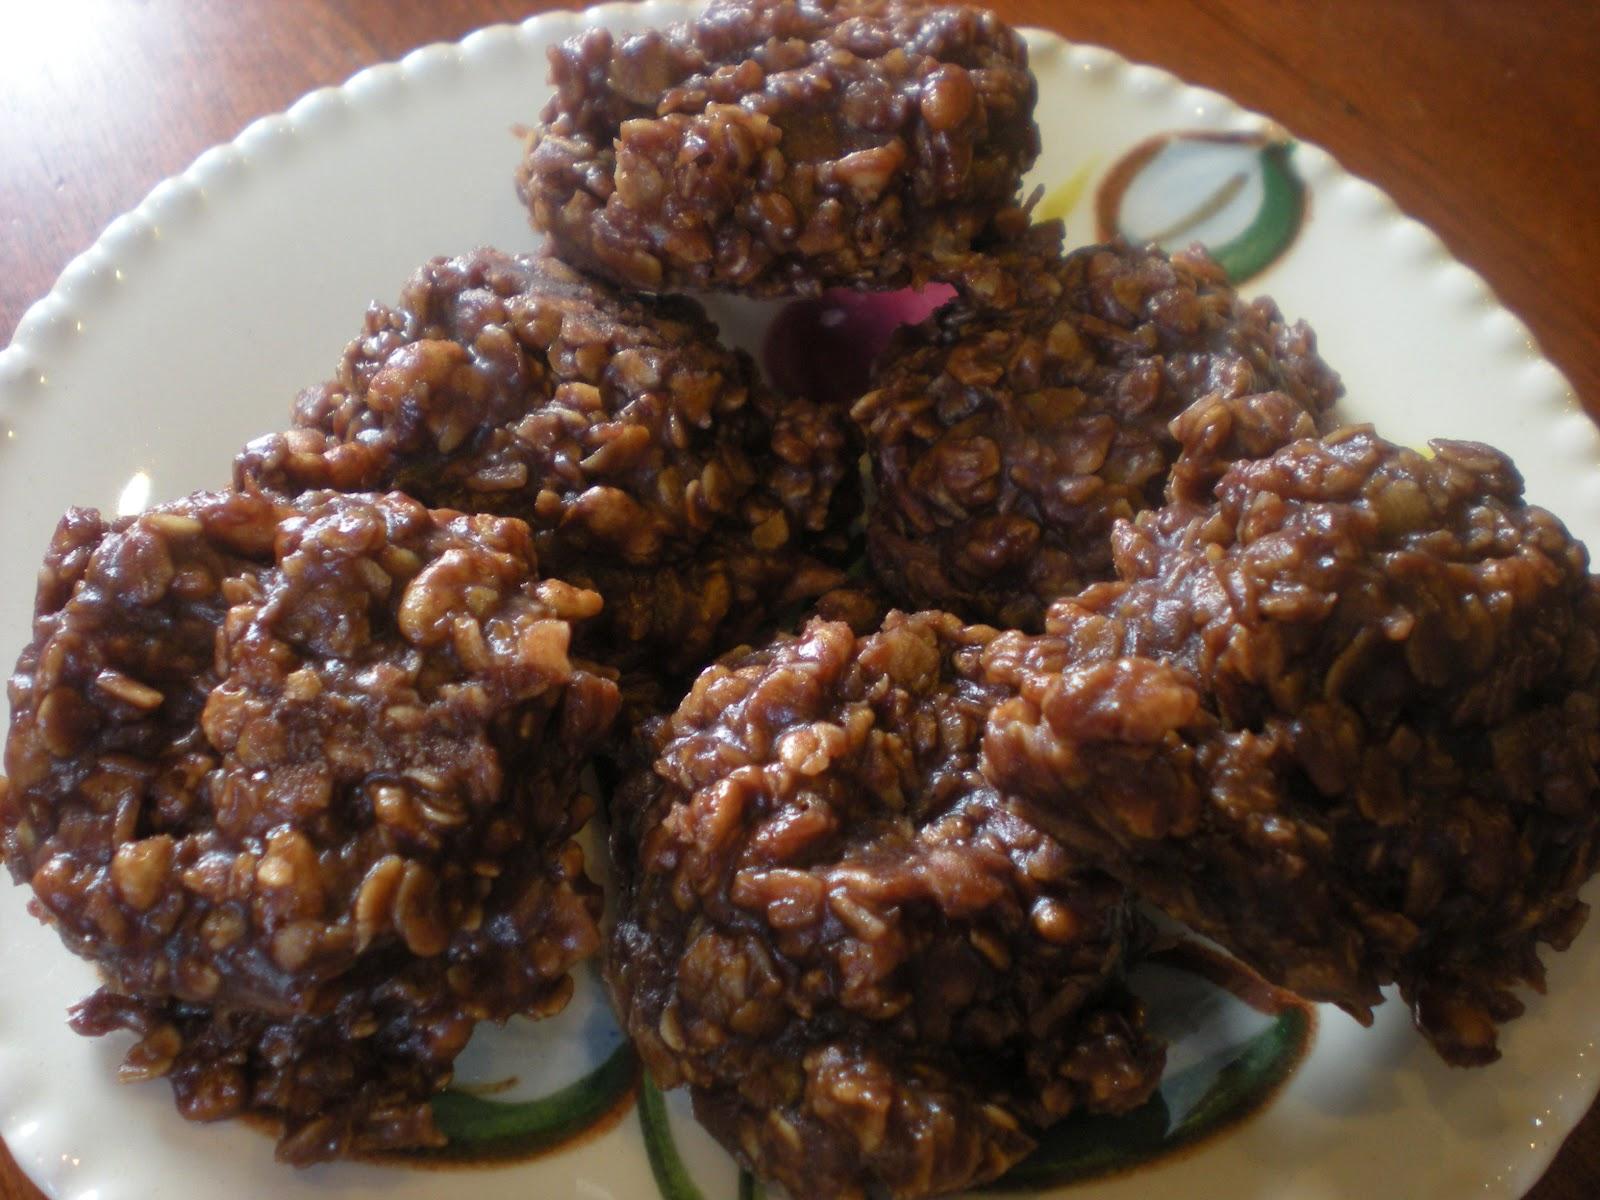 Horse poop cookies